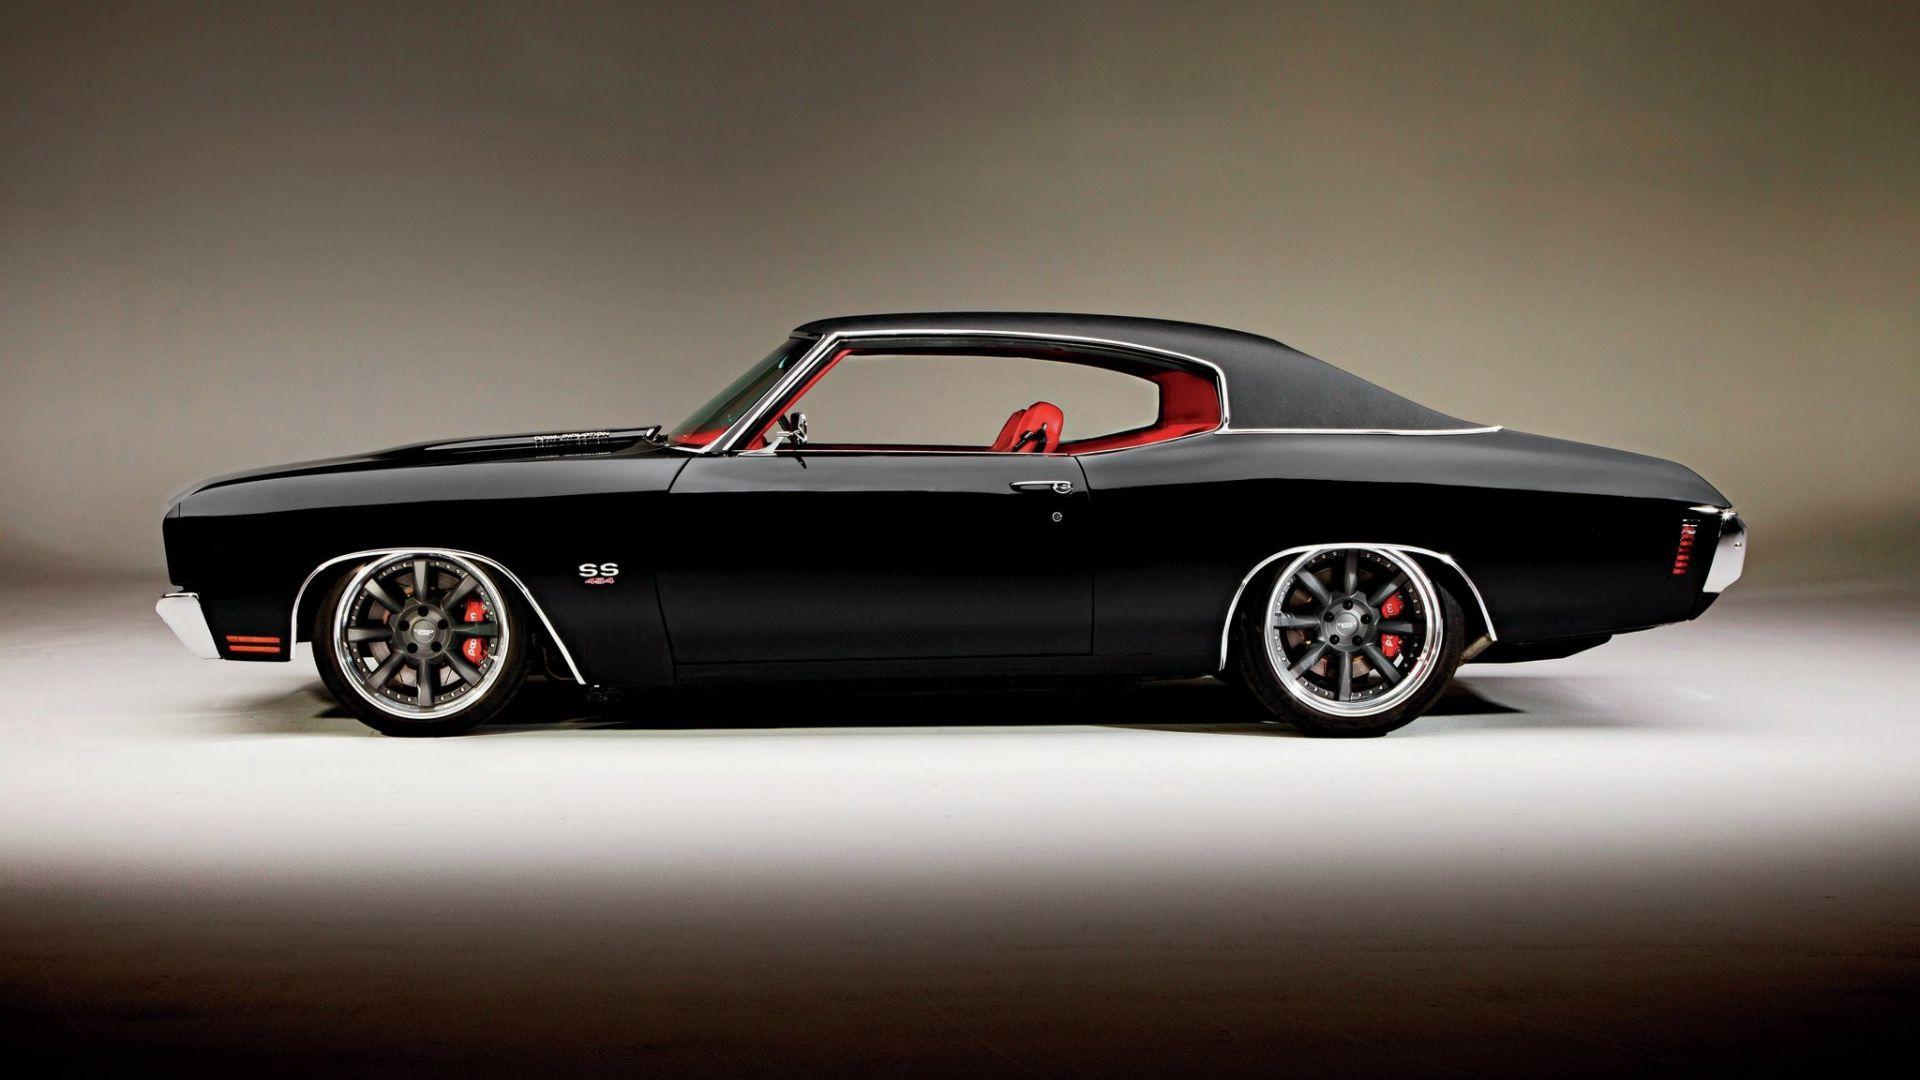 Wallpaper Chevrolet Chevelle Black car